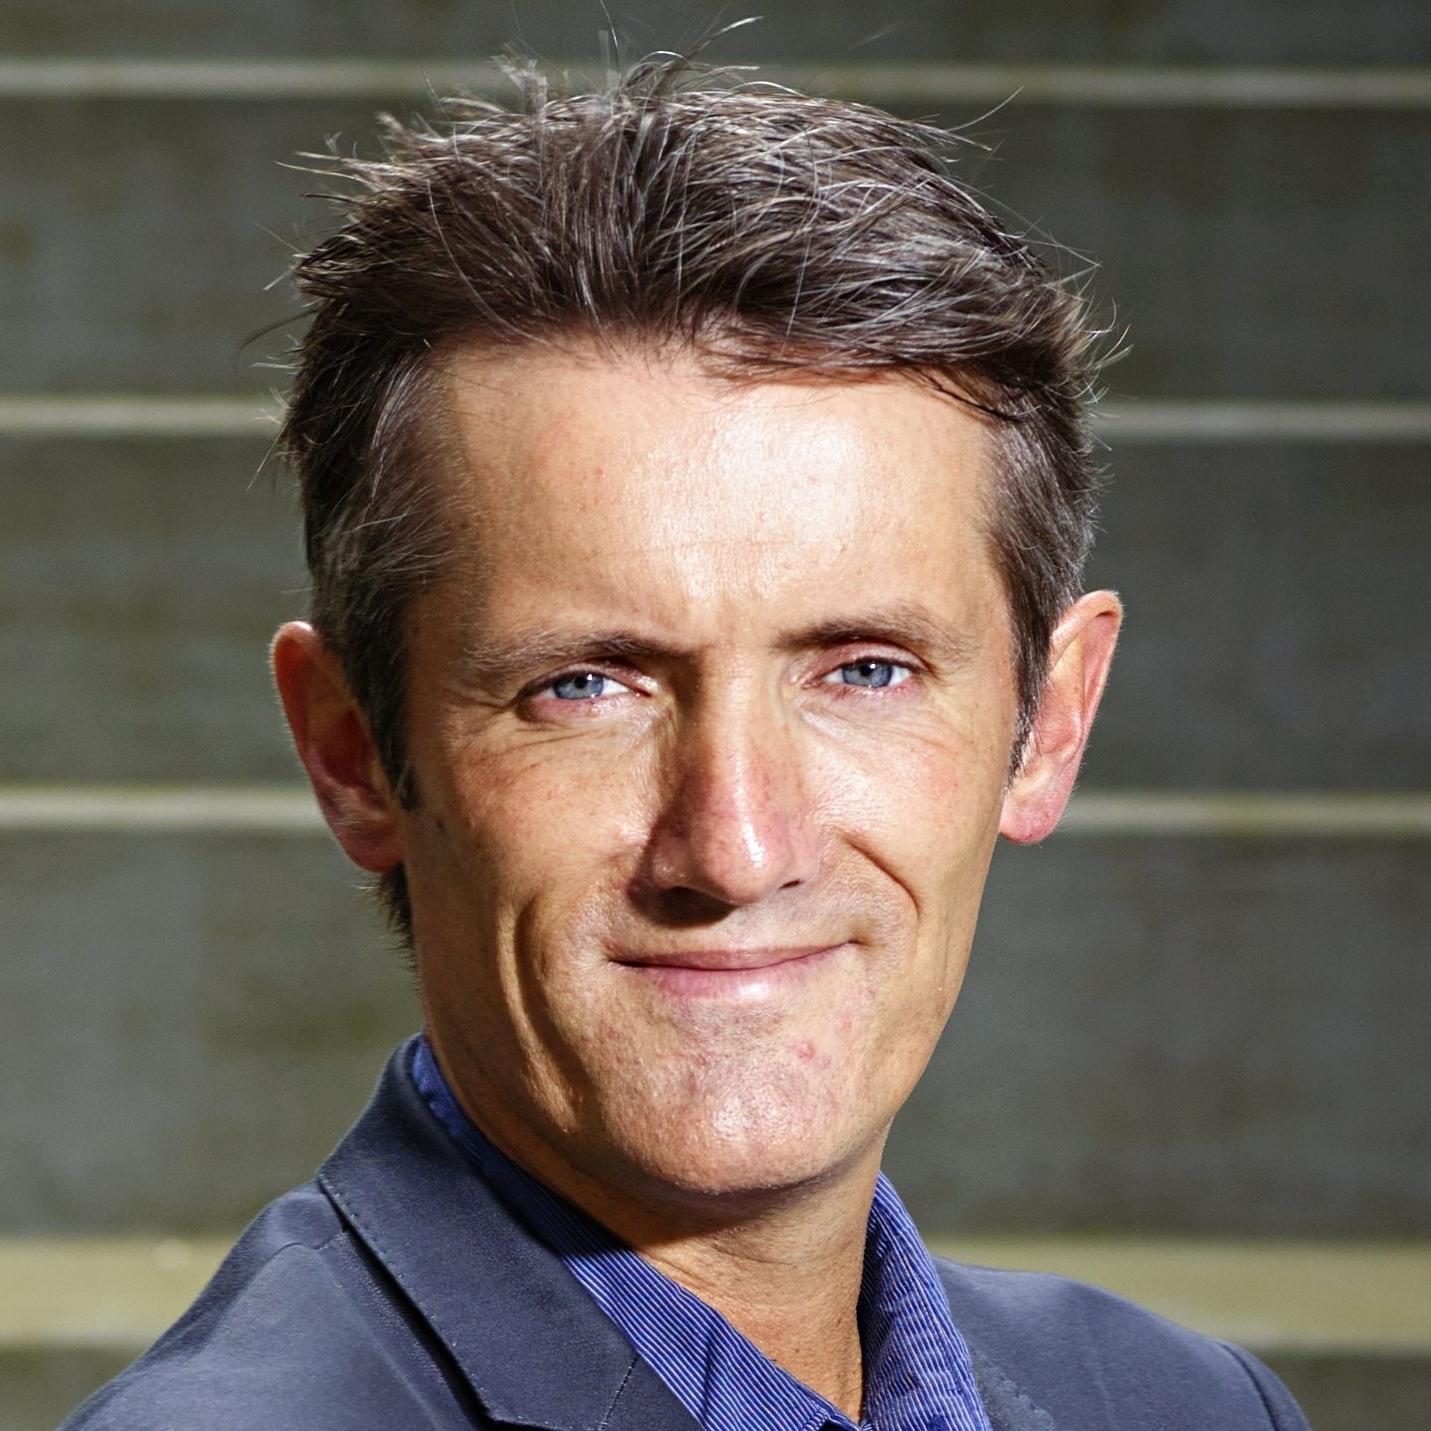 Dr. Stefan Paas